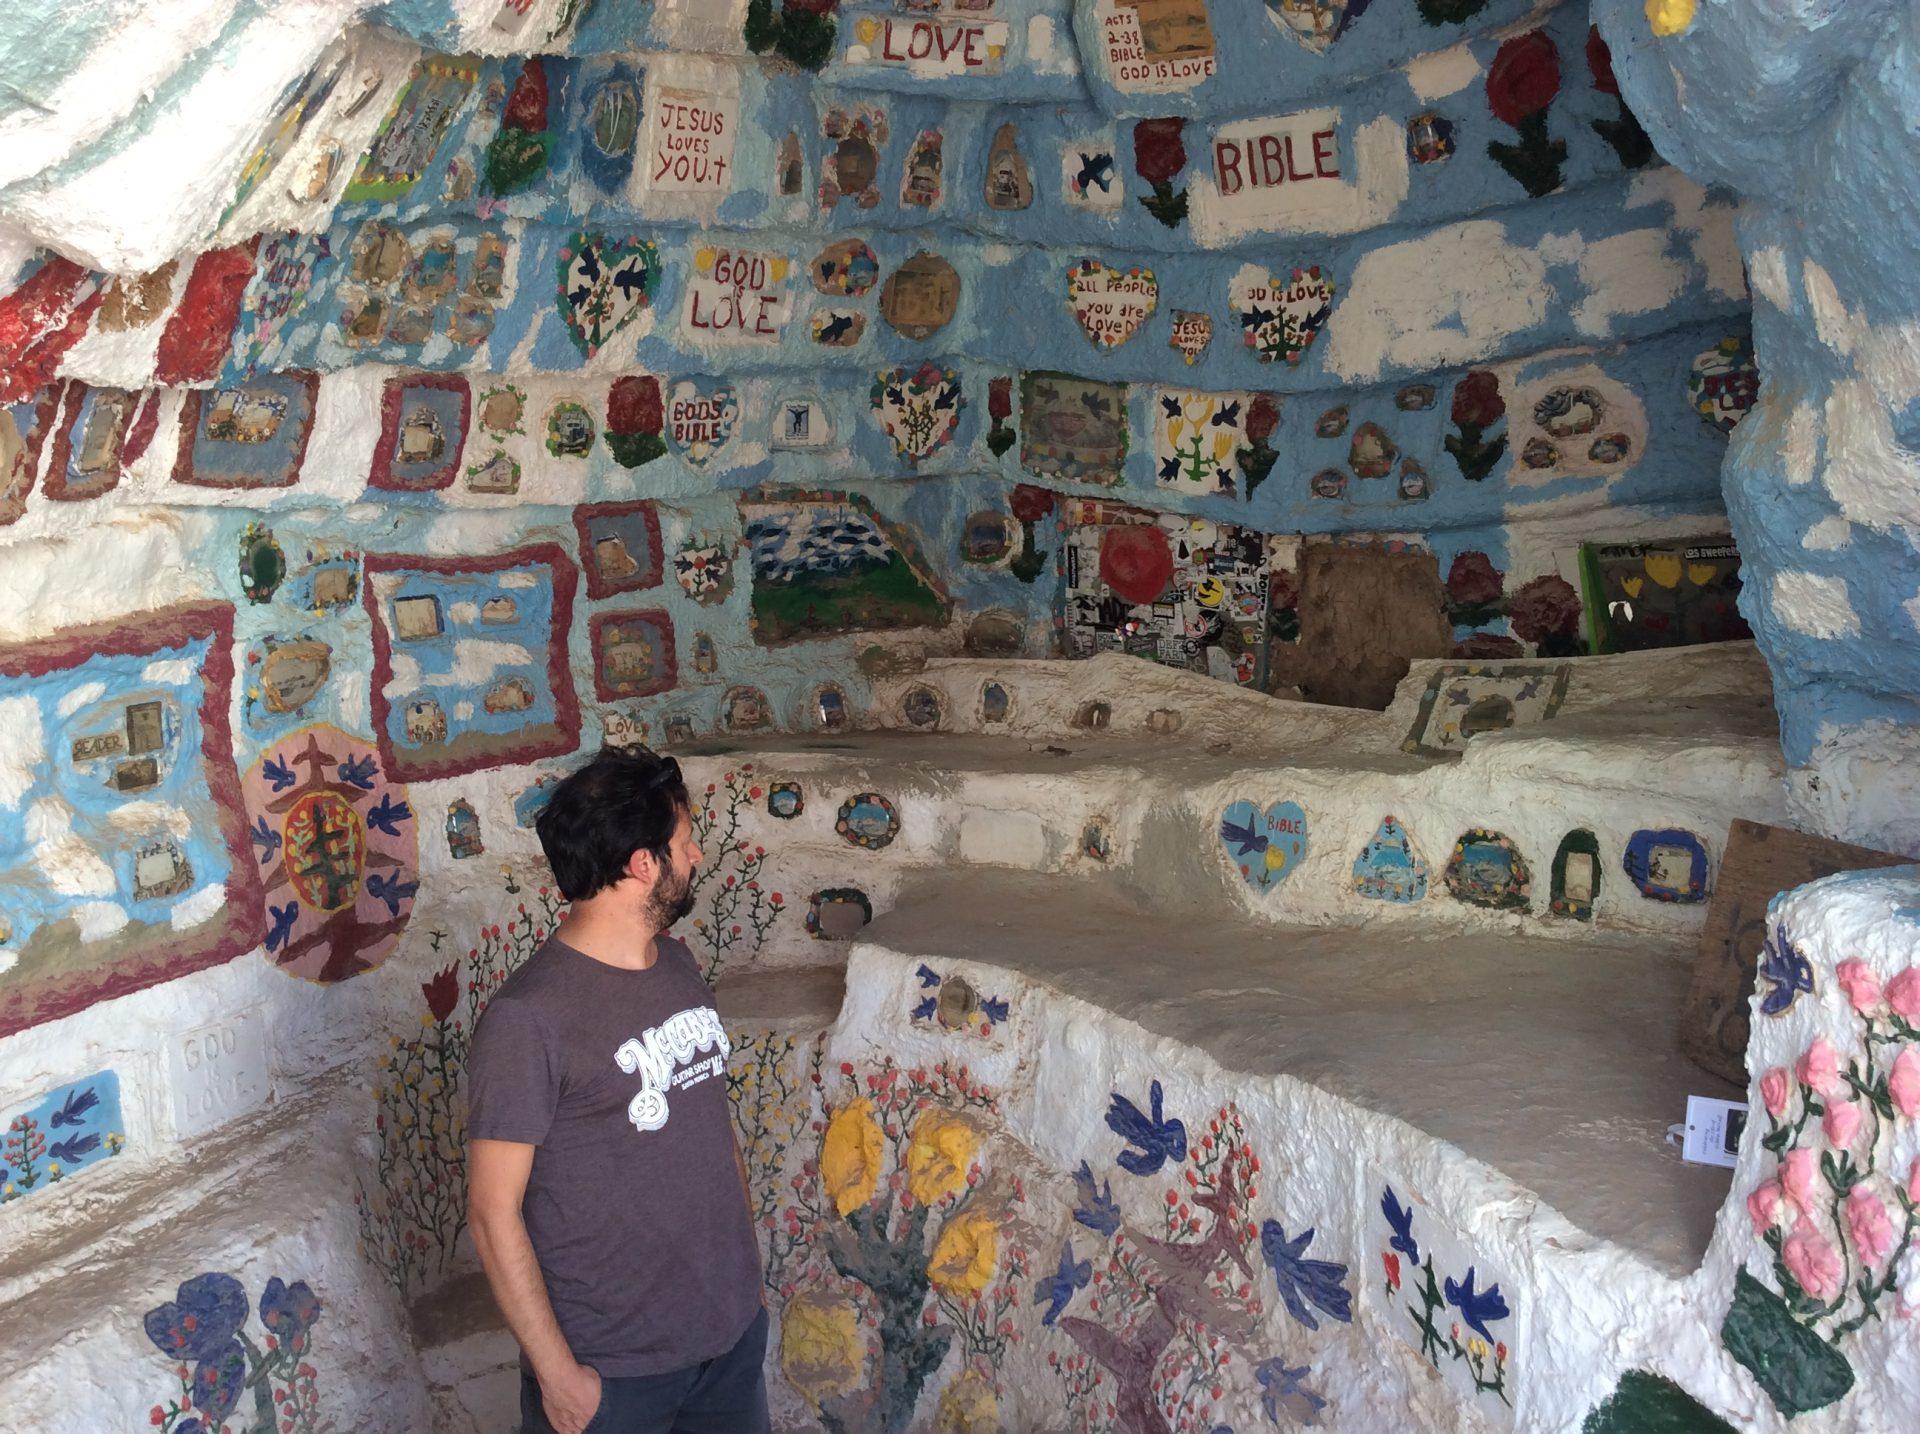 Marco dentro a Salvatioun